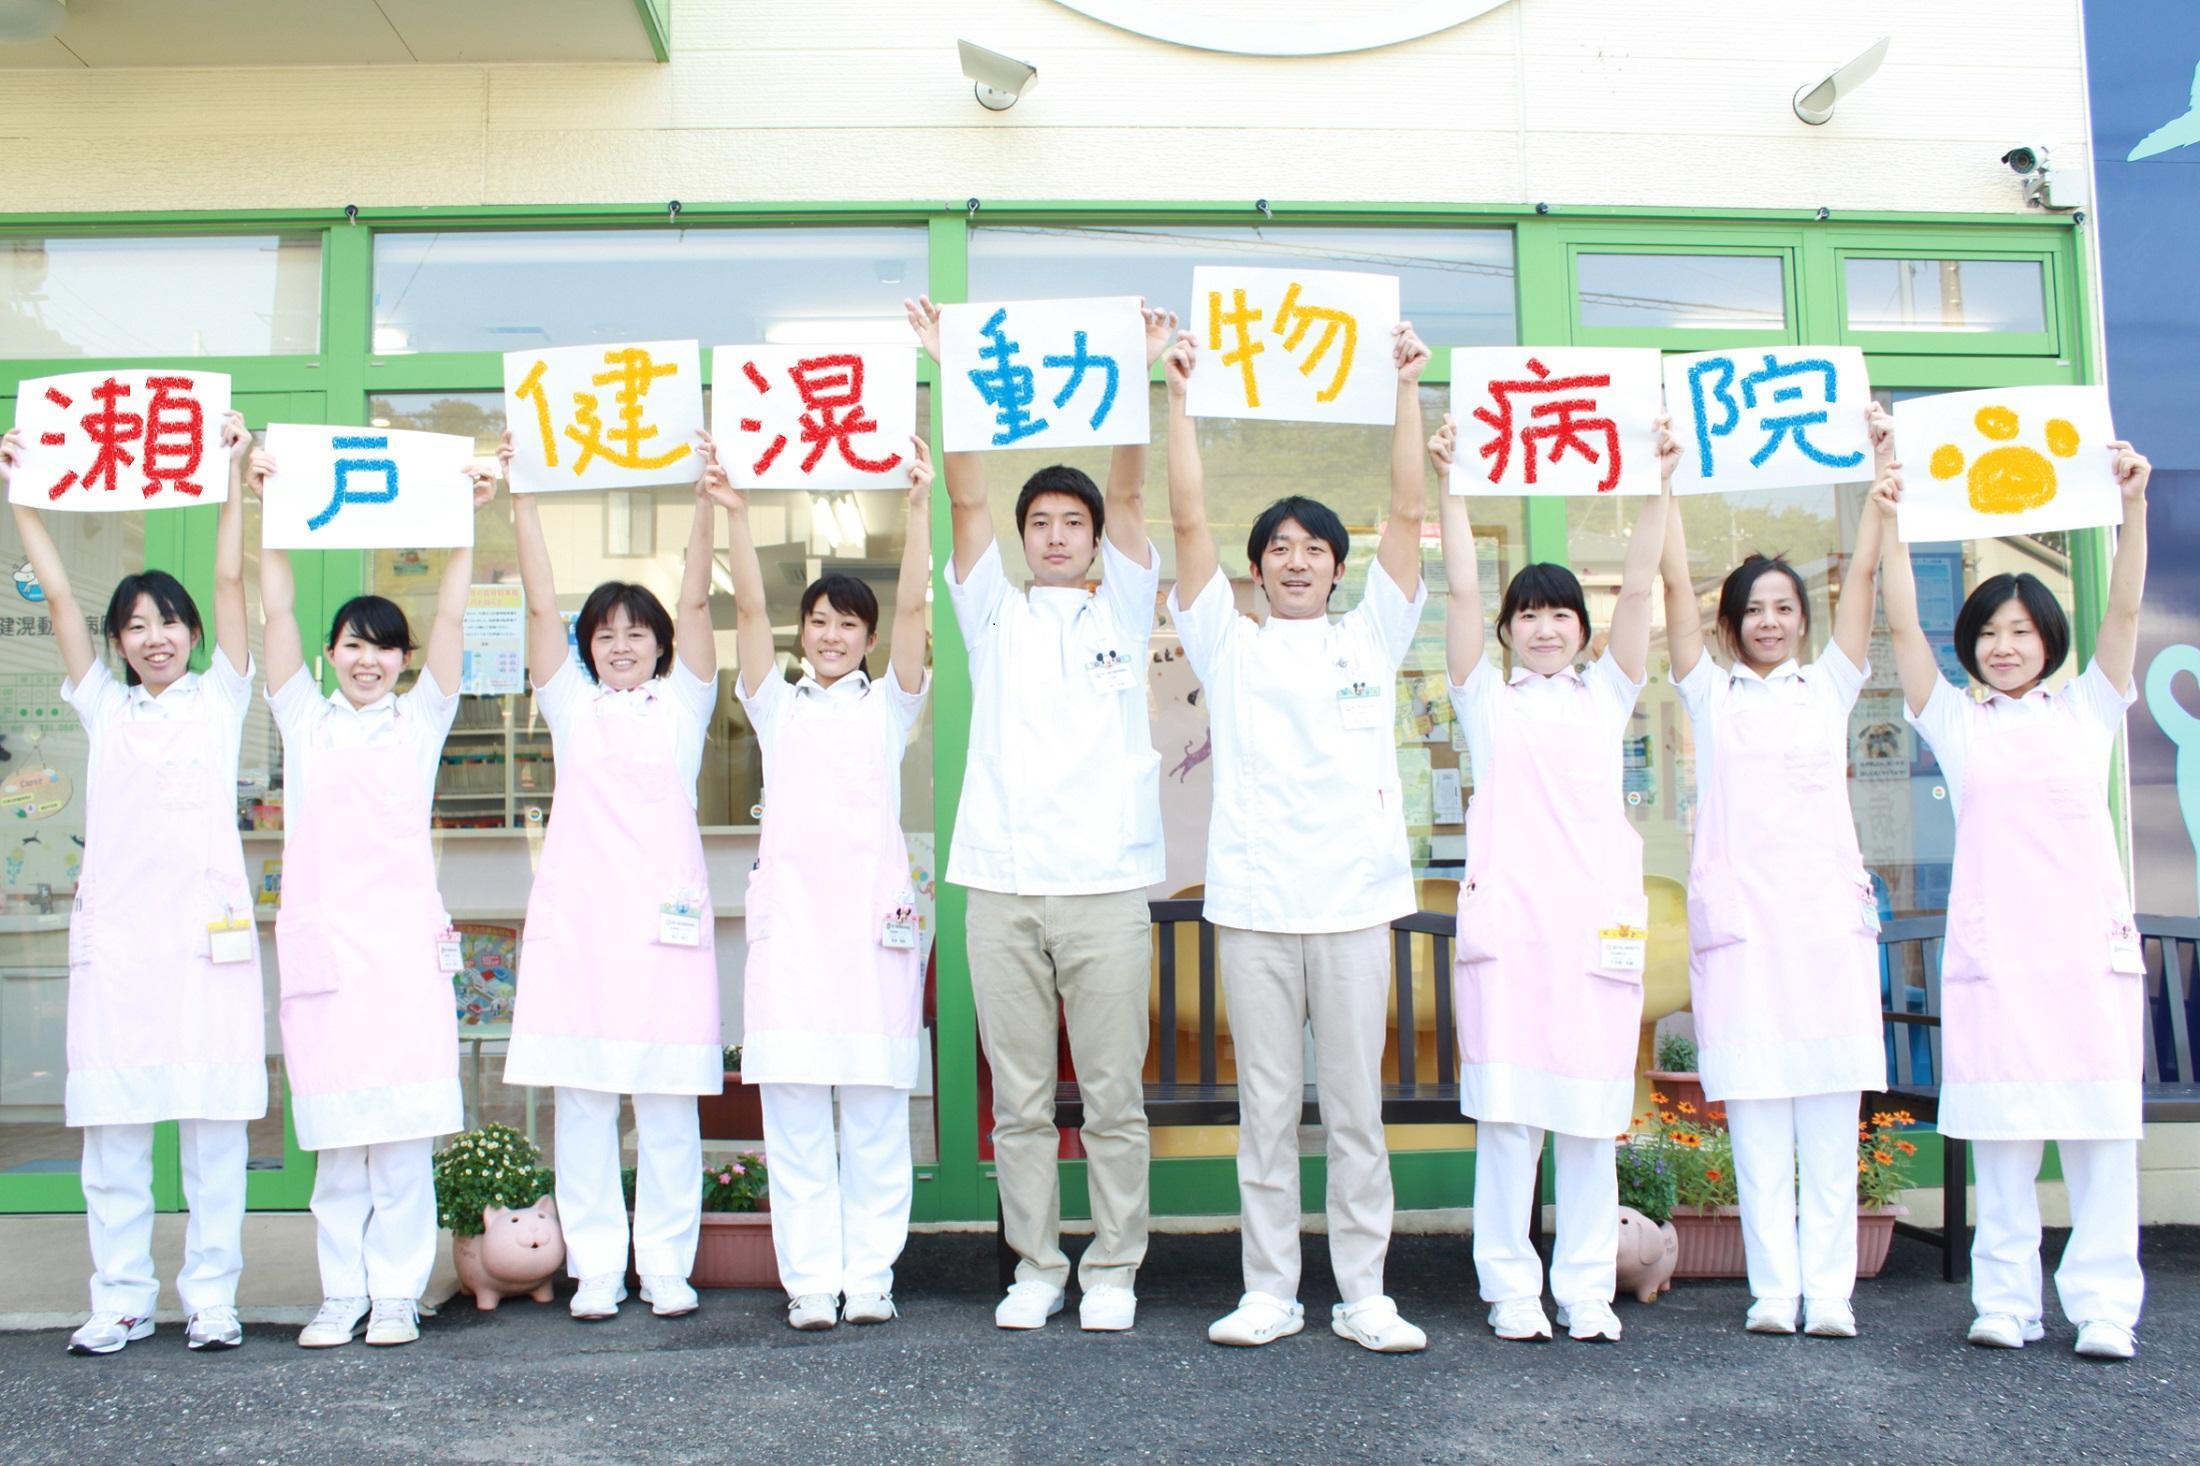 愛知県瀬戸市の瀬戸健滉動物病院(トリマー:時給1200円~)